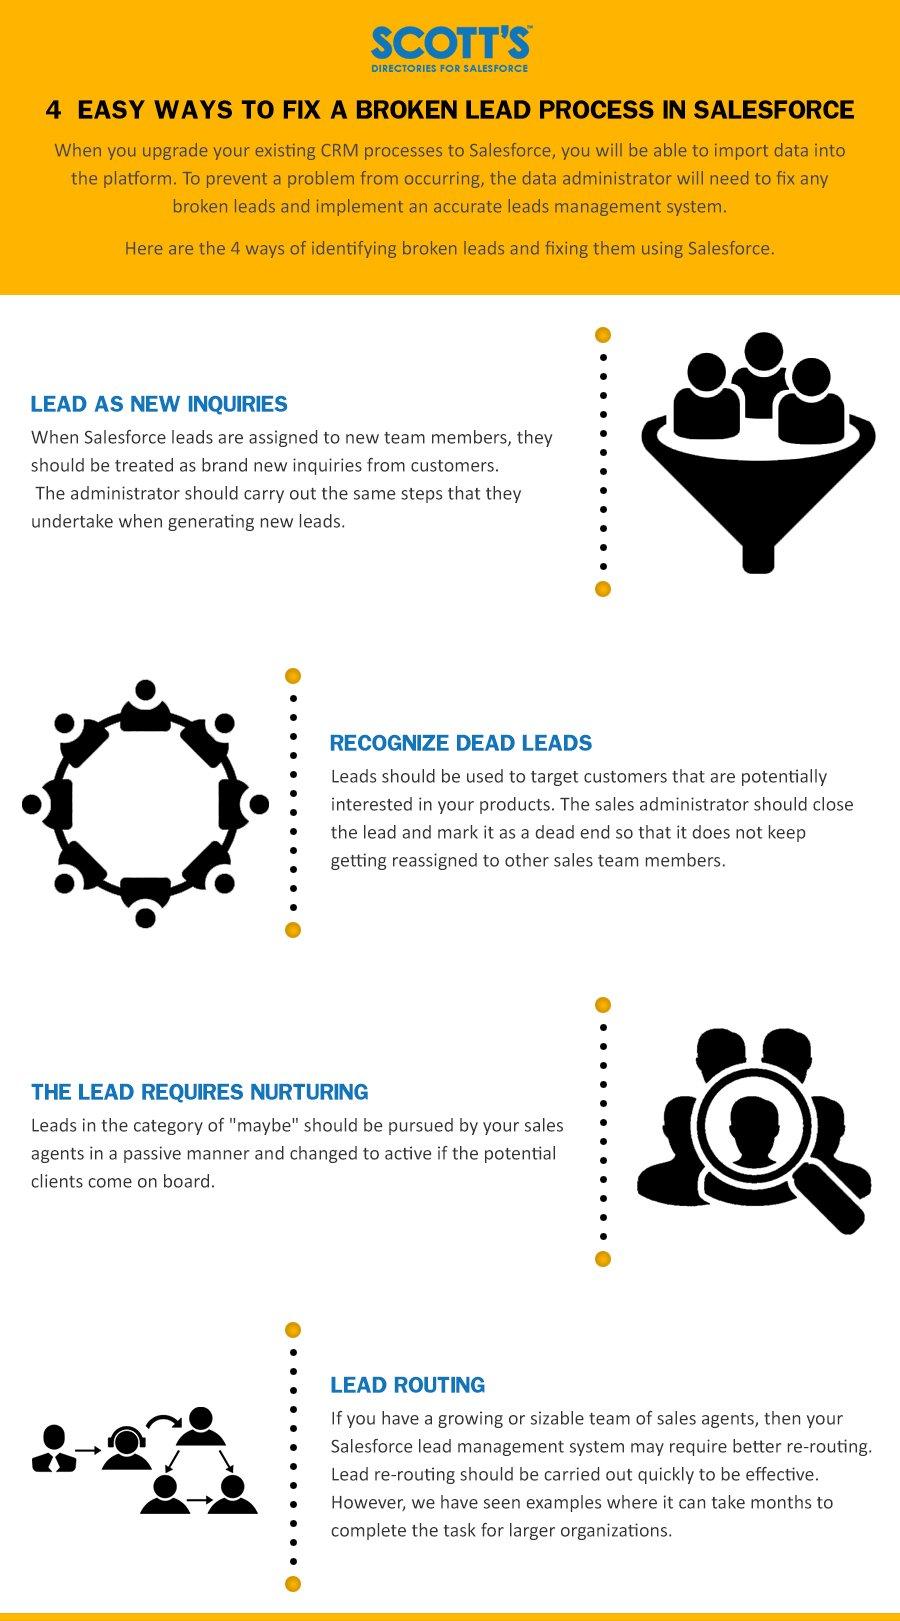 Fix a Broken Lead Process in Salesforce